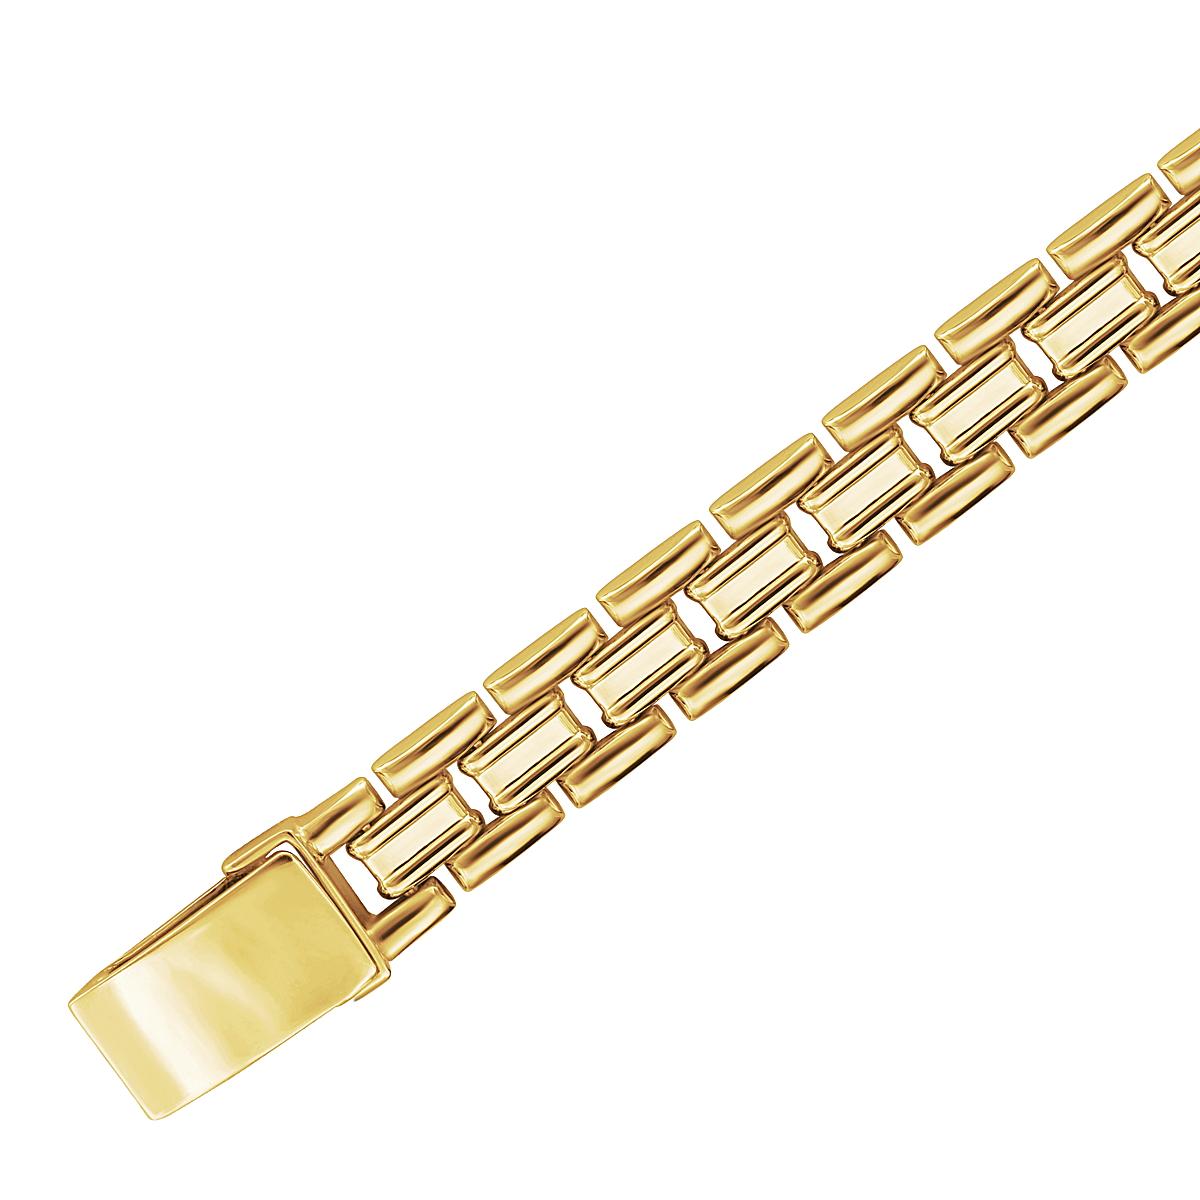 плетение браслетов из золота мужские фото непосредственно строительству